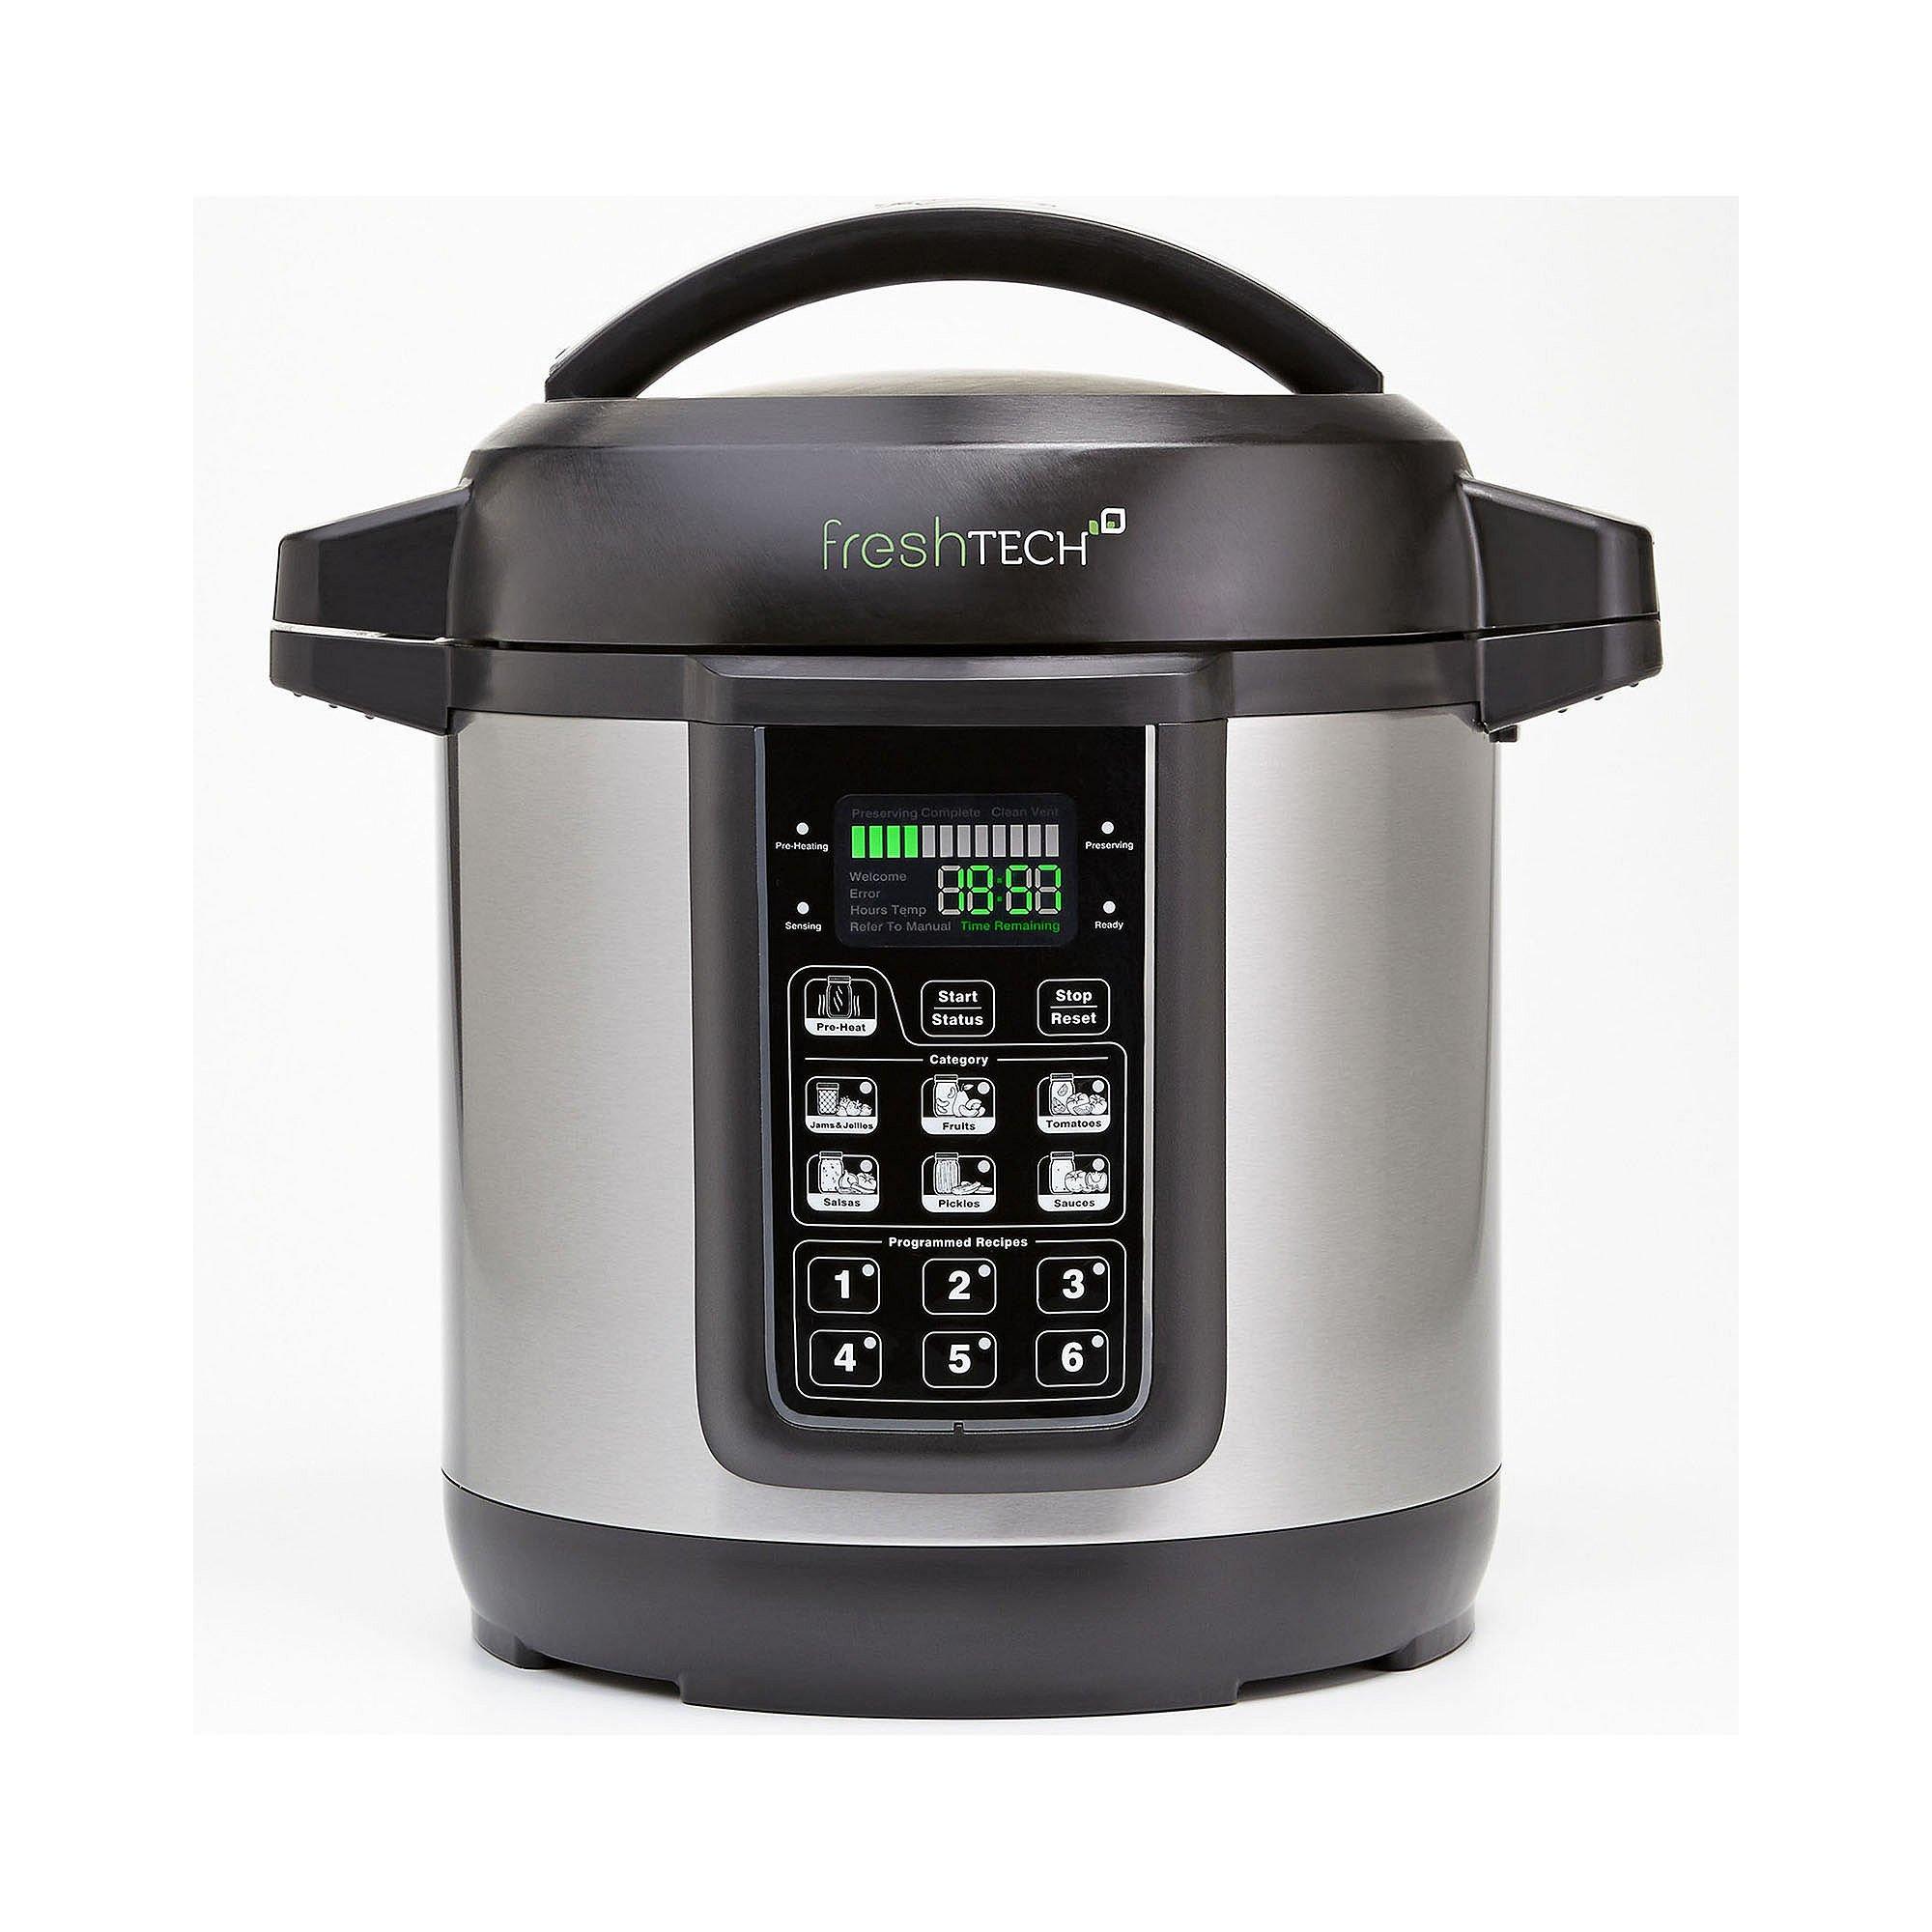 Ball FreshTech 1440035015 Auto Canning Jar, Large, Silver